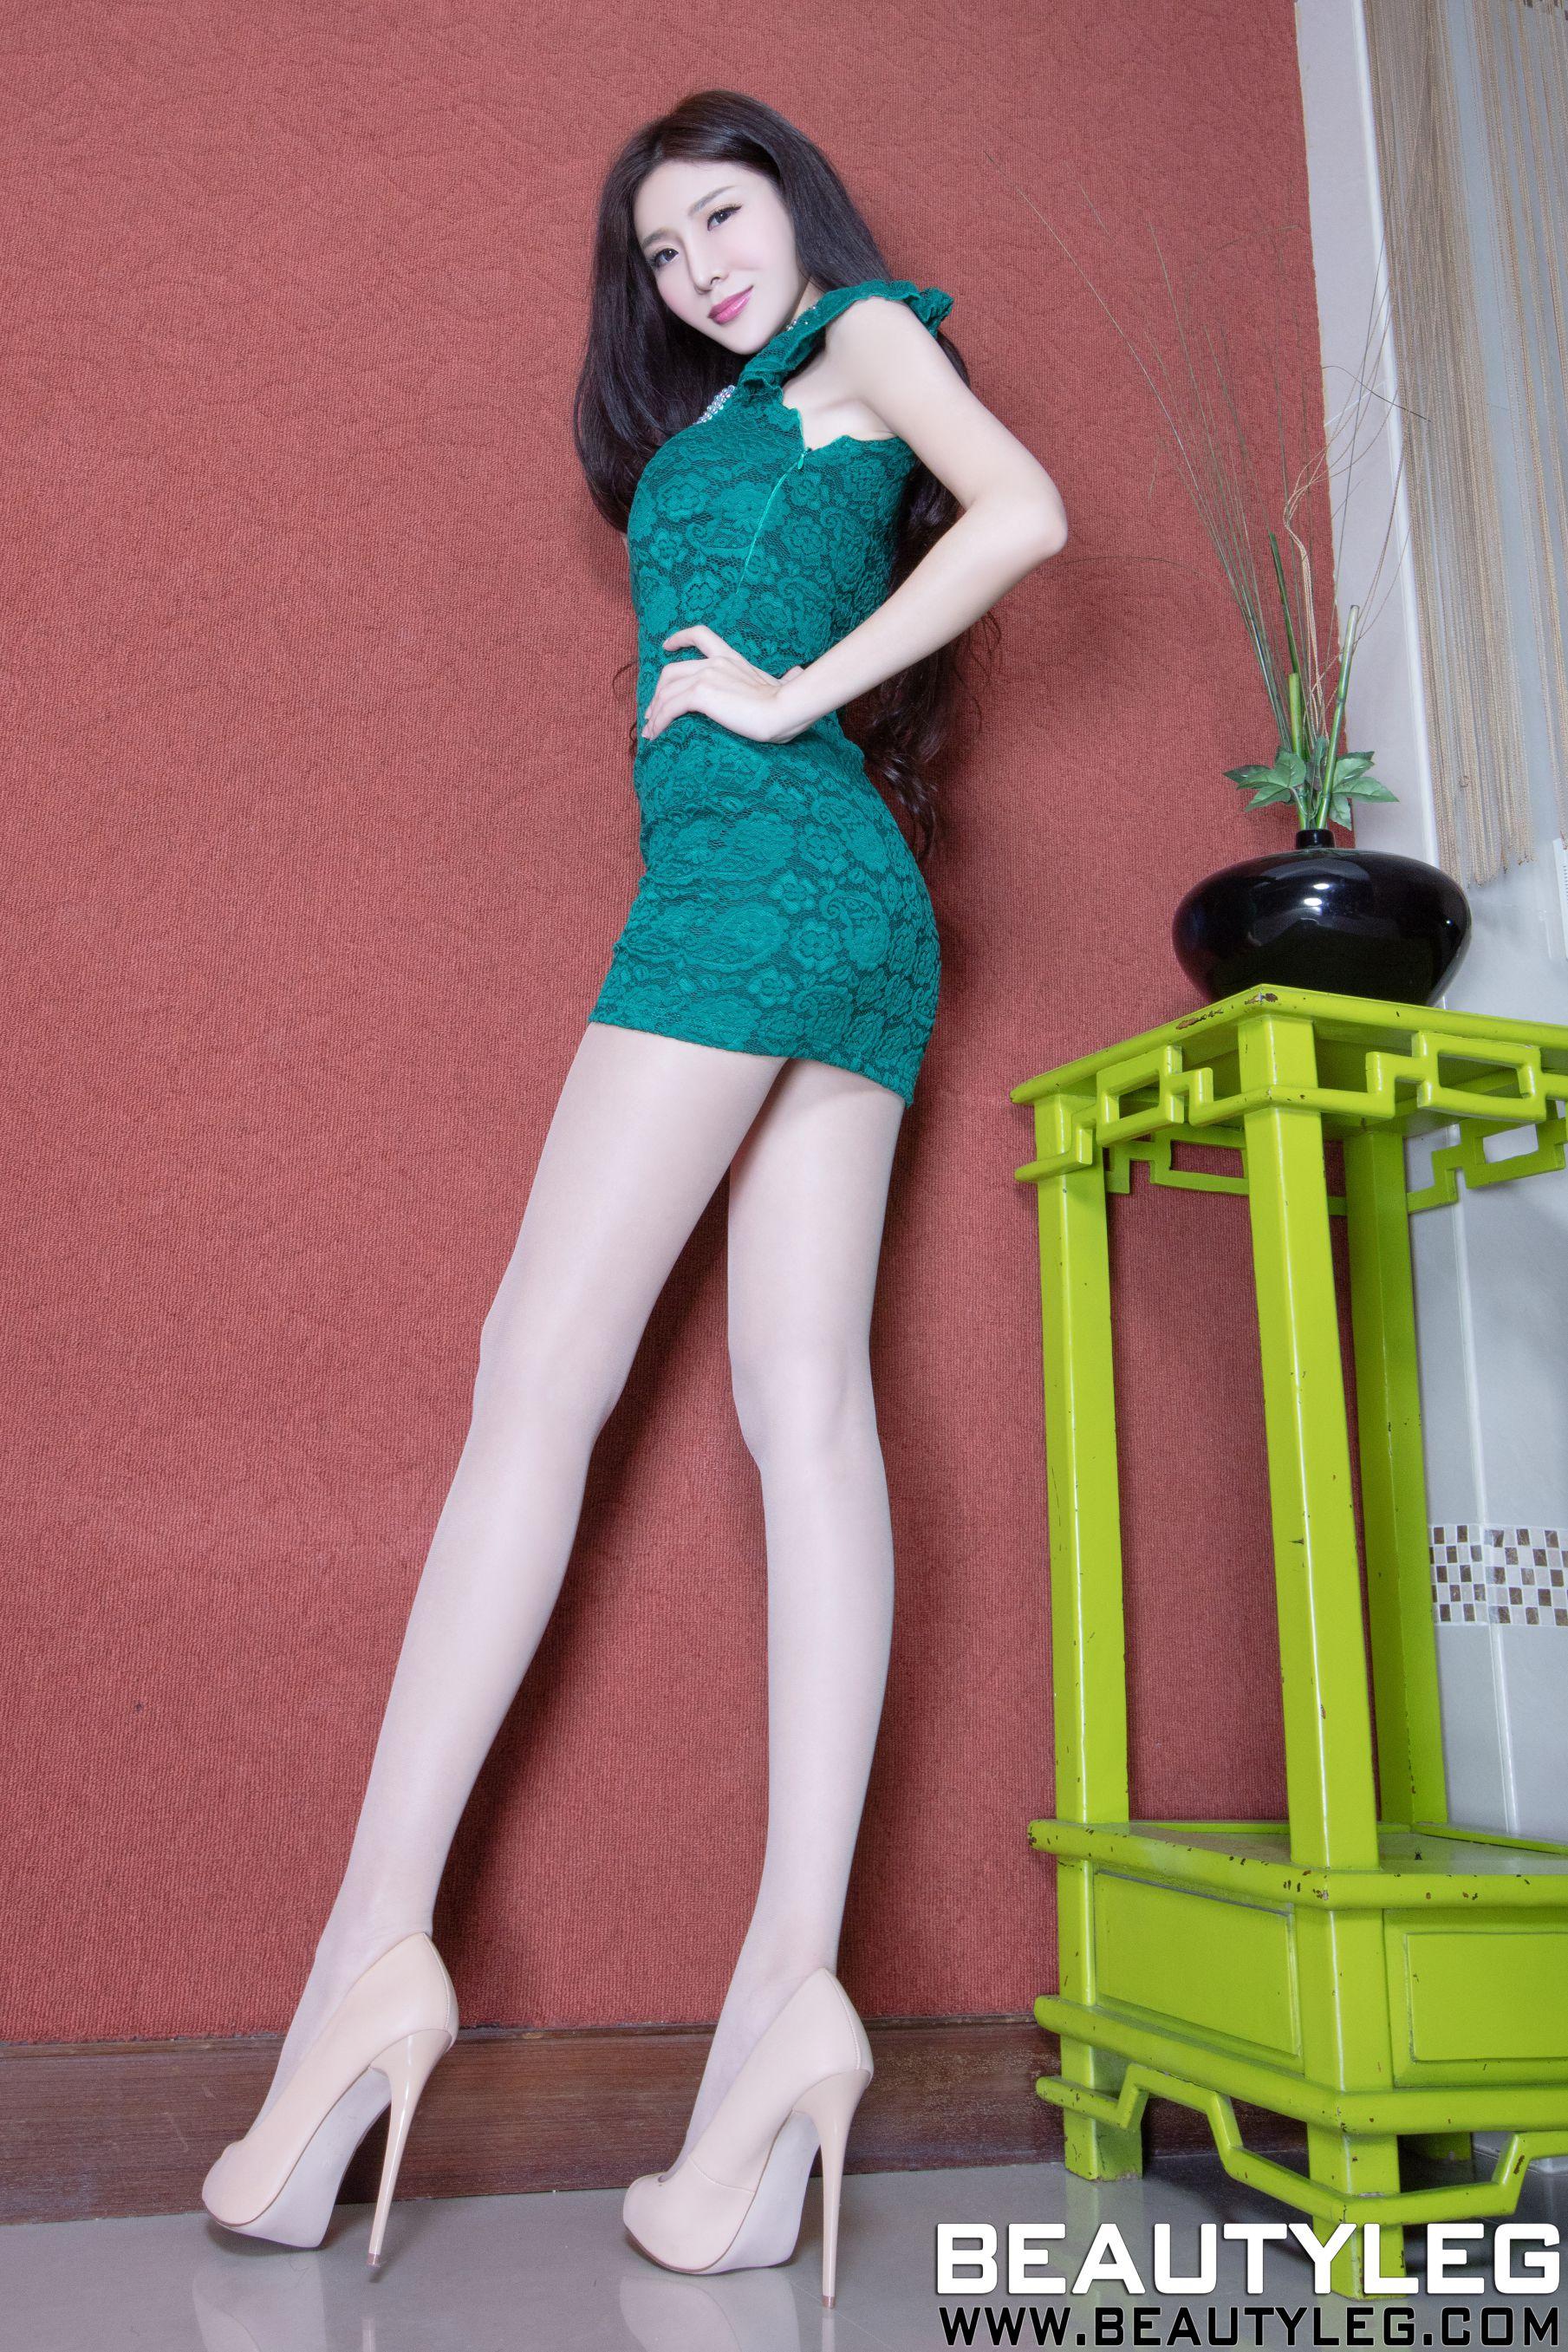 VOL.983 [Beautyleg]高跟凉鞋长腿美女C罩杯美女:李小星(Beautyleg腿模Xin)超高清个人性感漂亮大图(49P)